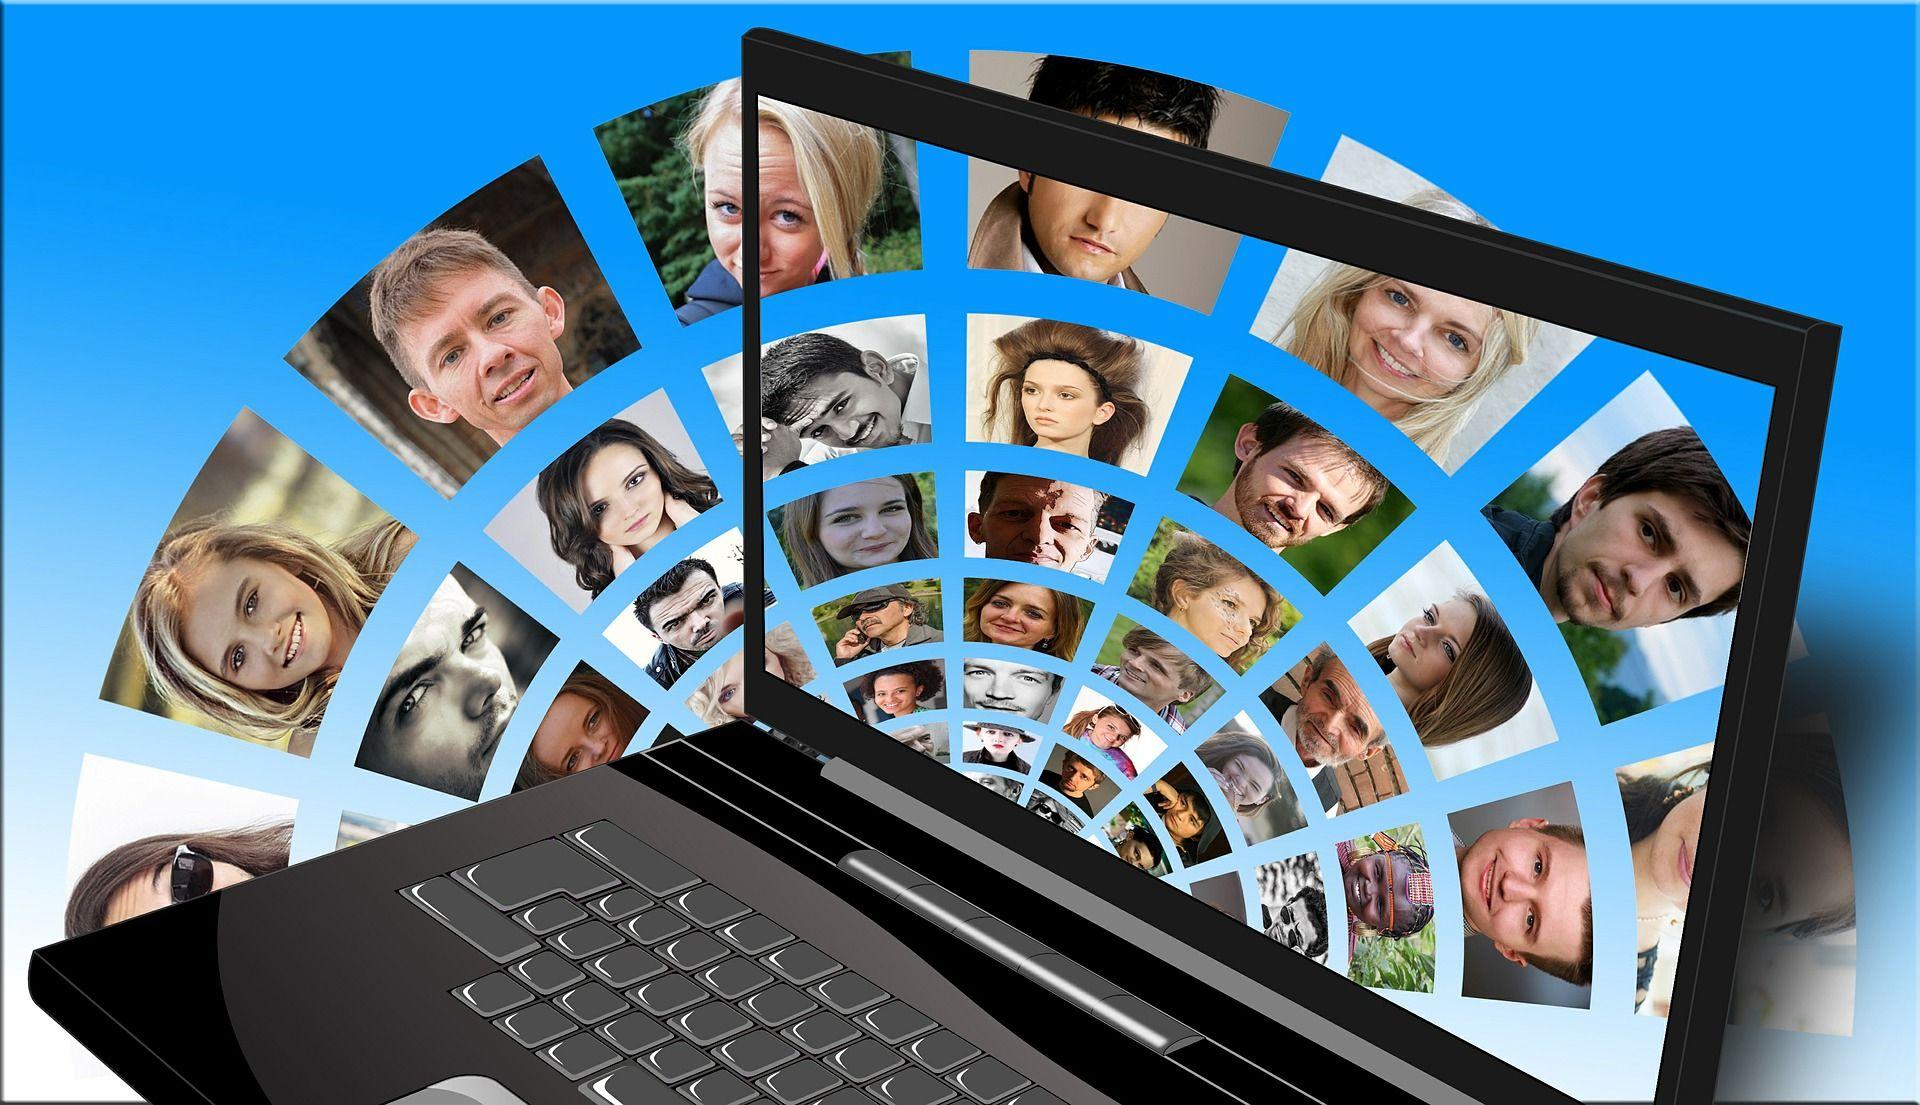 уровень сервиса, сайты для выкладывания фотографий какому такому праву